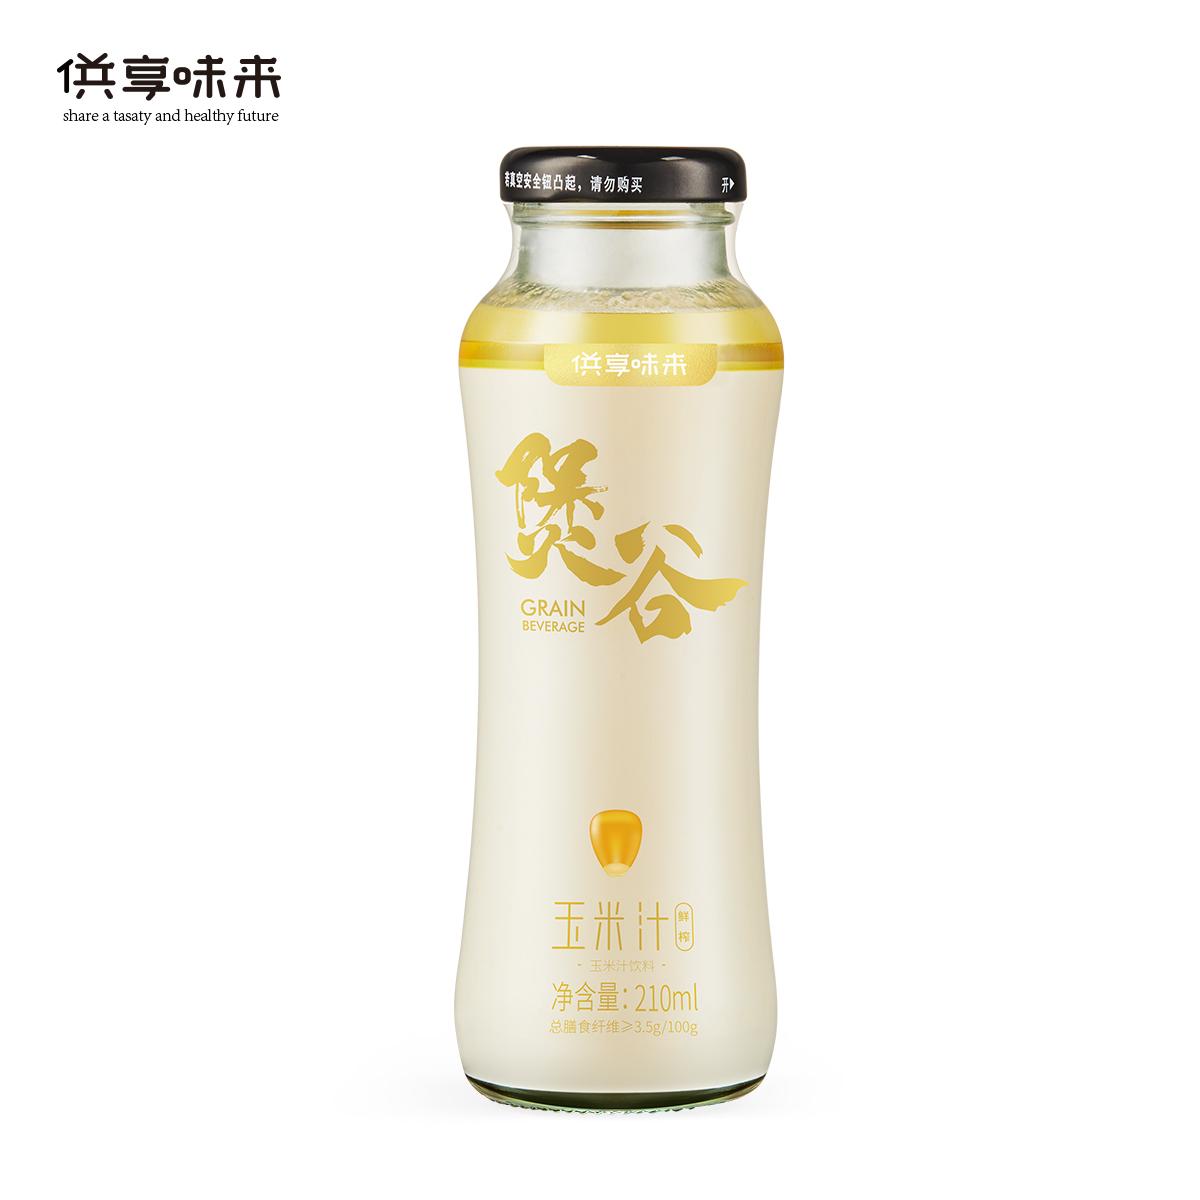 ㊙煲谷玉米汁NFC非浓缩鲜榨低脂代餐果蔬早餐营养饮料210ml*6瓶